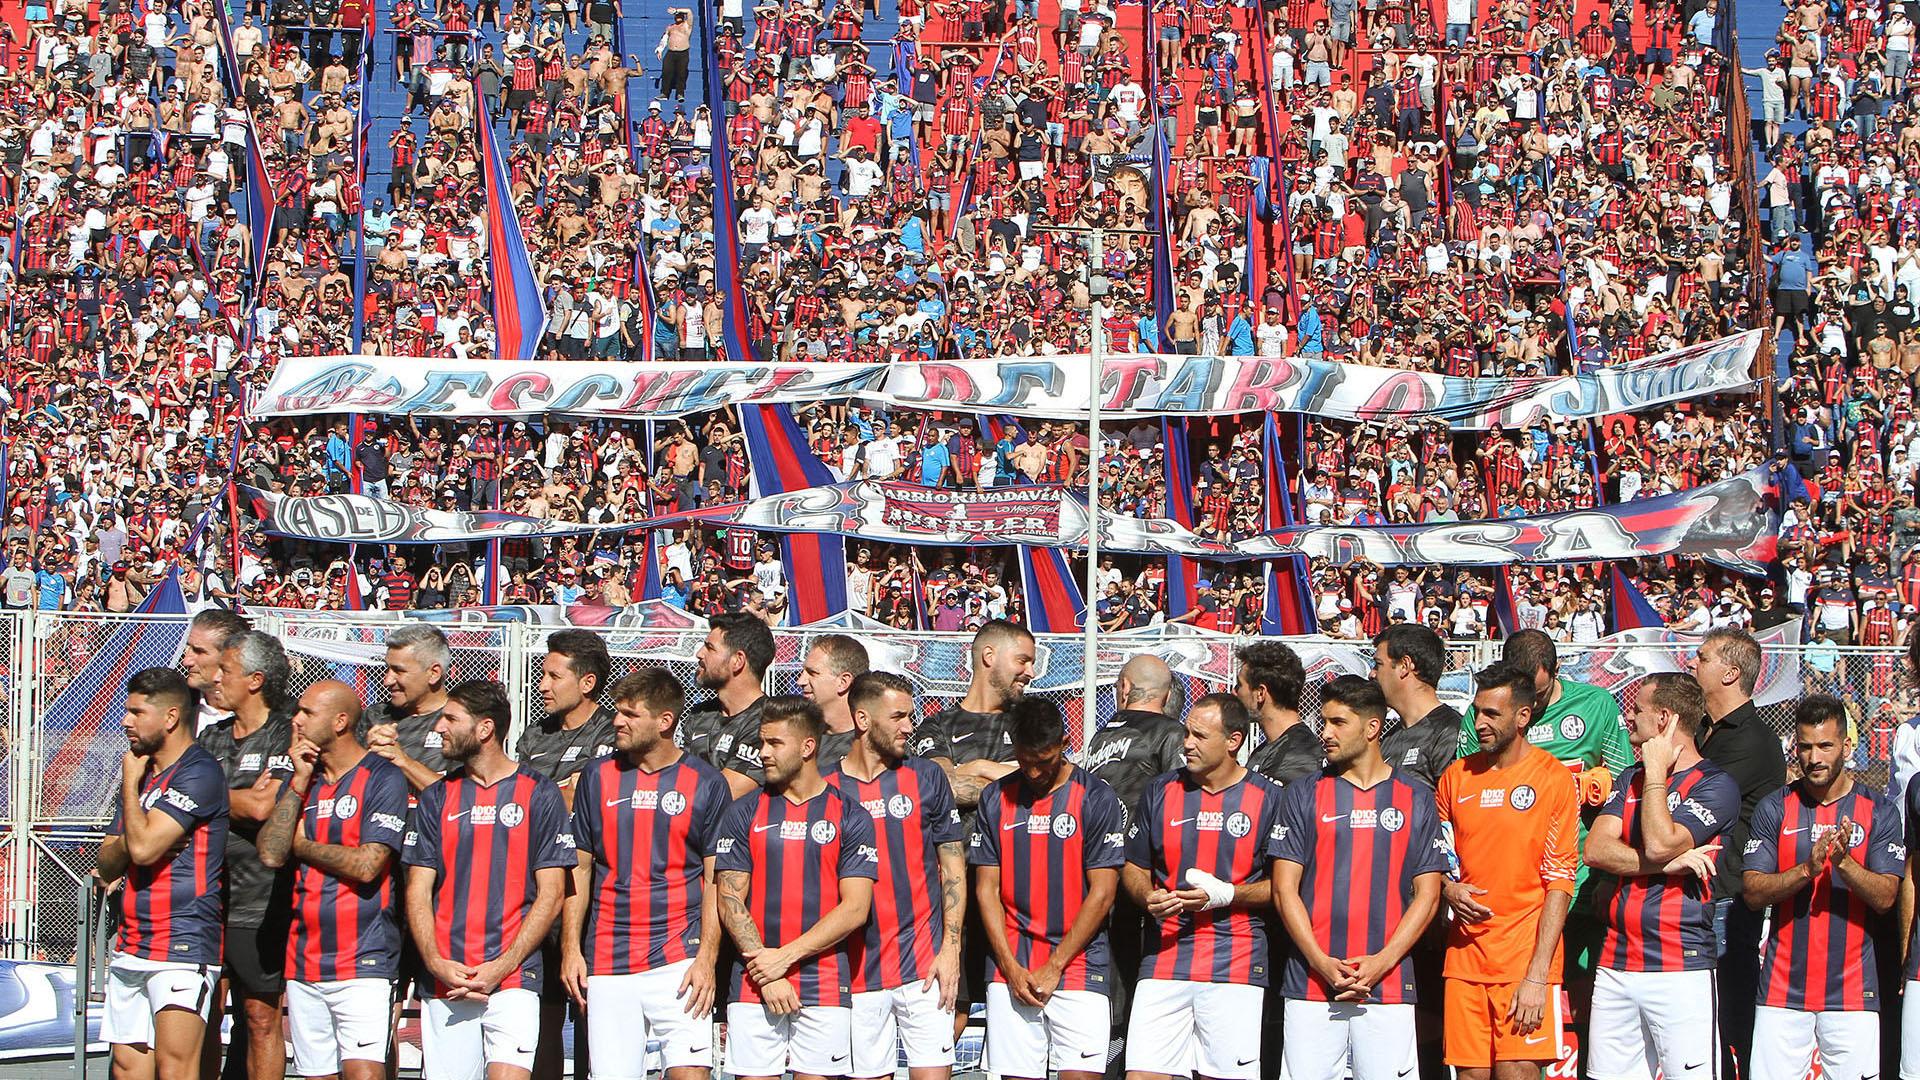 La base del plantel campeón de la Copa Libertadores del 2014 fue parte de un equipo (Matías Souto)